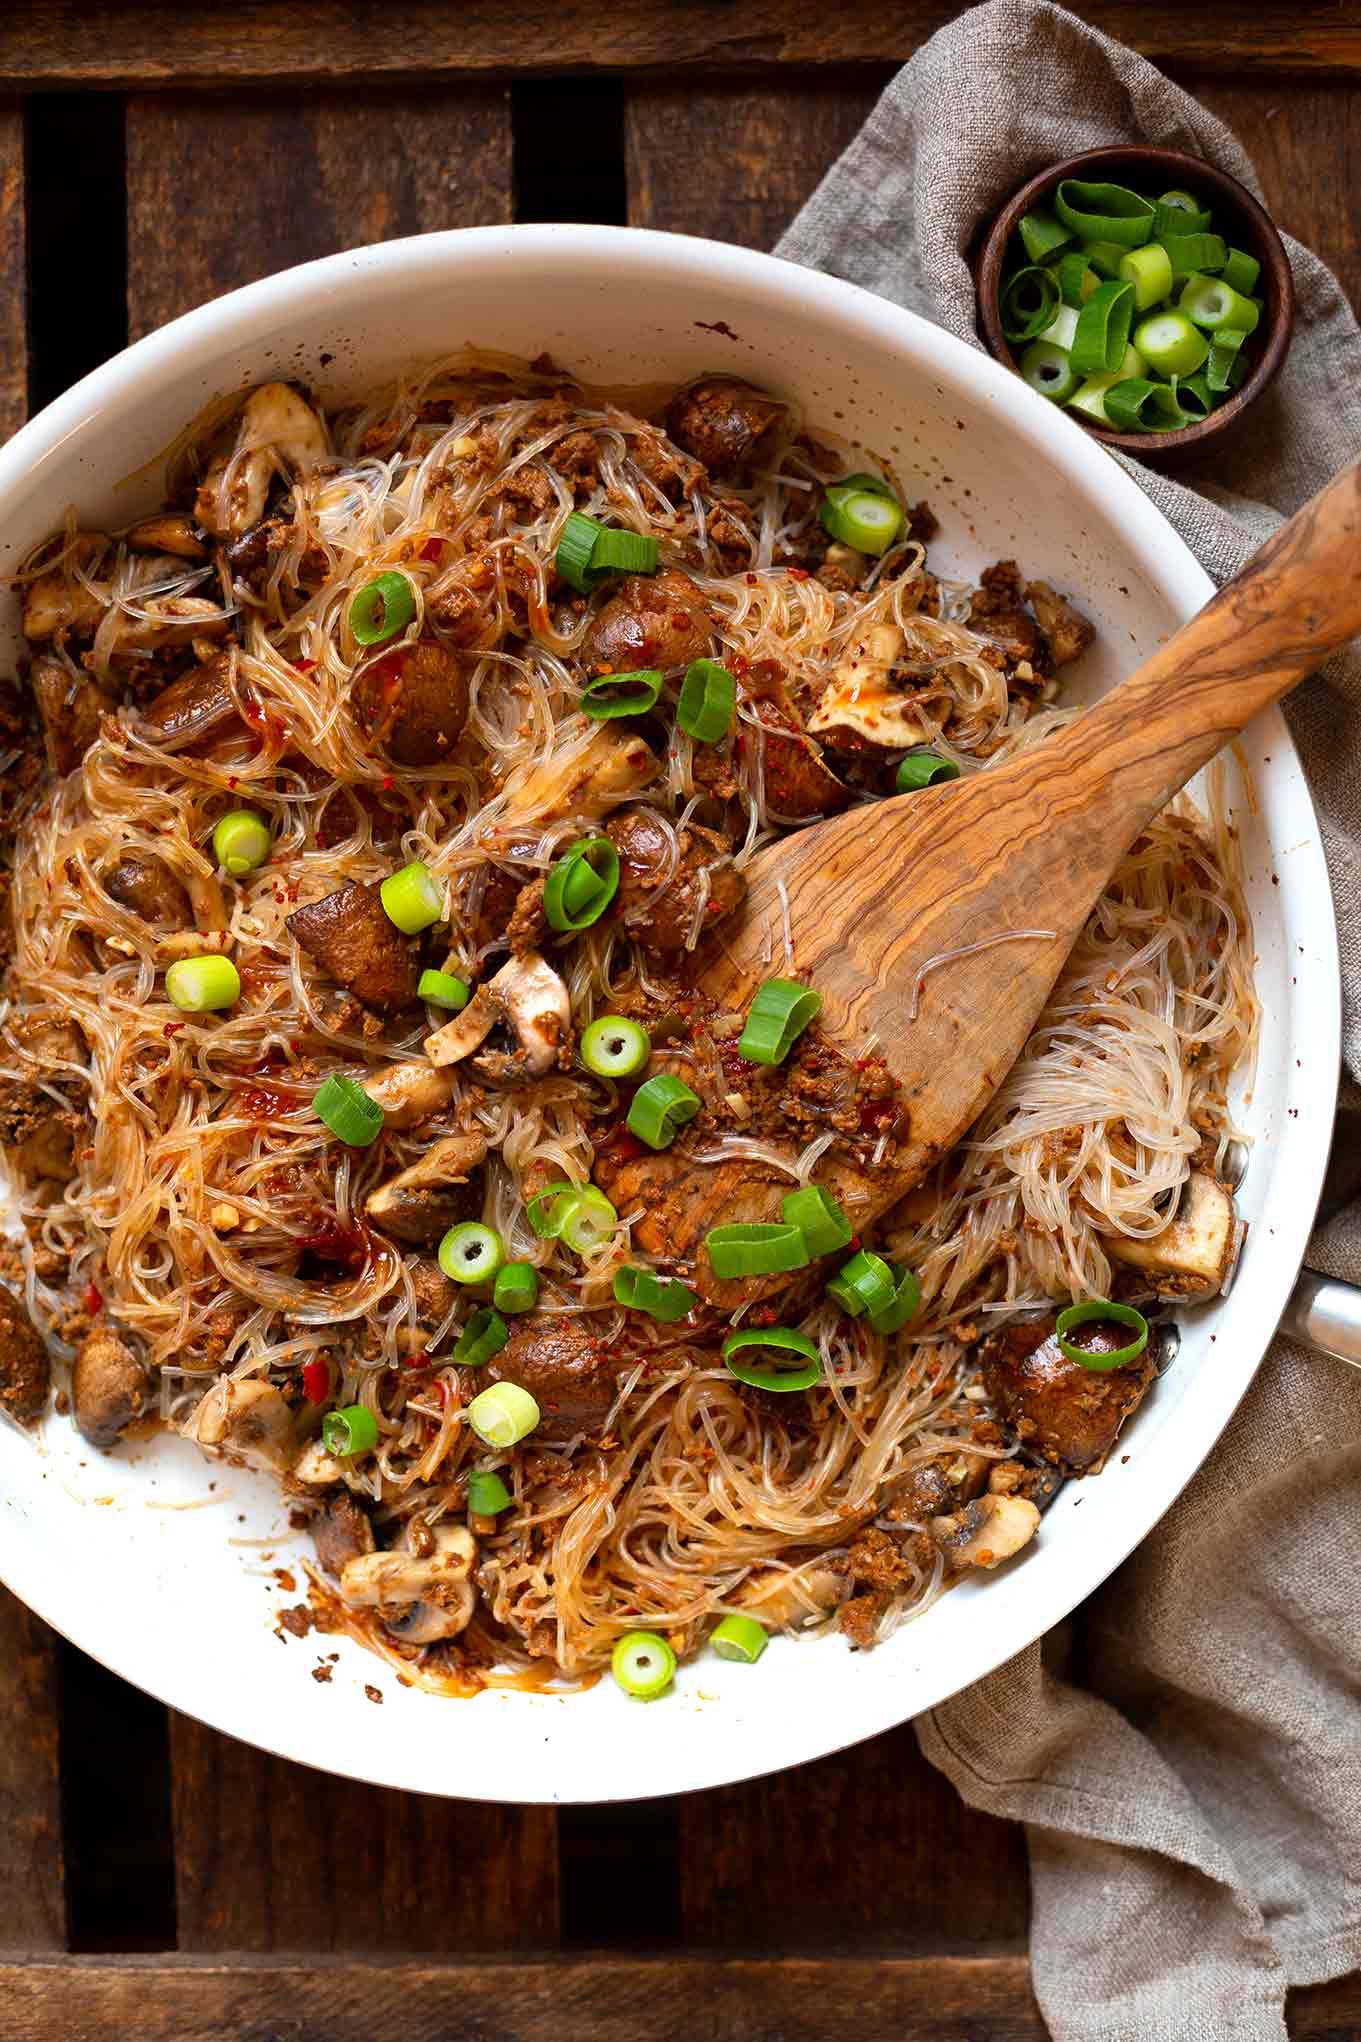 OMG - diese Asiatische Glasnudel-Hackfleisch-Pfanne müsst ihr sofort nach kochen!  Schnell, einfach und super lecker - und dazu noch vegetarisch. Denn wir verraten euch unser liebstes Veggie-Hack und wie ihr in unter 30 Minuten ein super leckeres Abendessen auf den Tisch zaubert.  Voll mit Champignons, Glasnudeln, Sojasauce & Sriracha Sauce.  Herzhaft, sättigend und definitiv mit Lieblingsrezept Potential.     Kochkarussell - dein Foodblog für schnelle und einfache Feierabendküche!